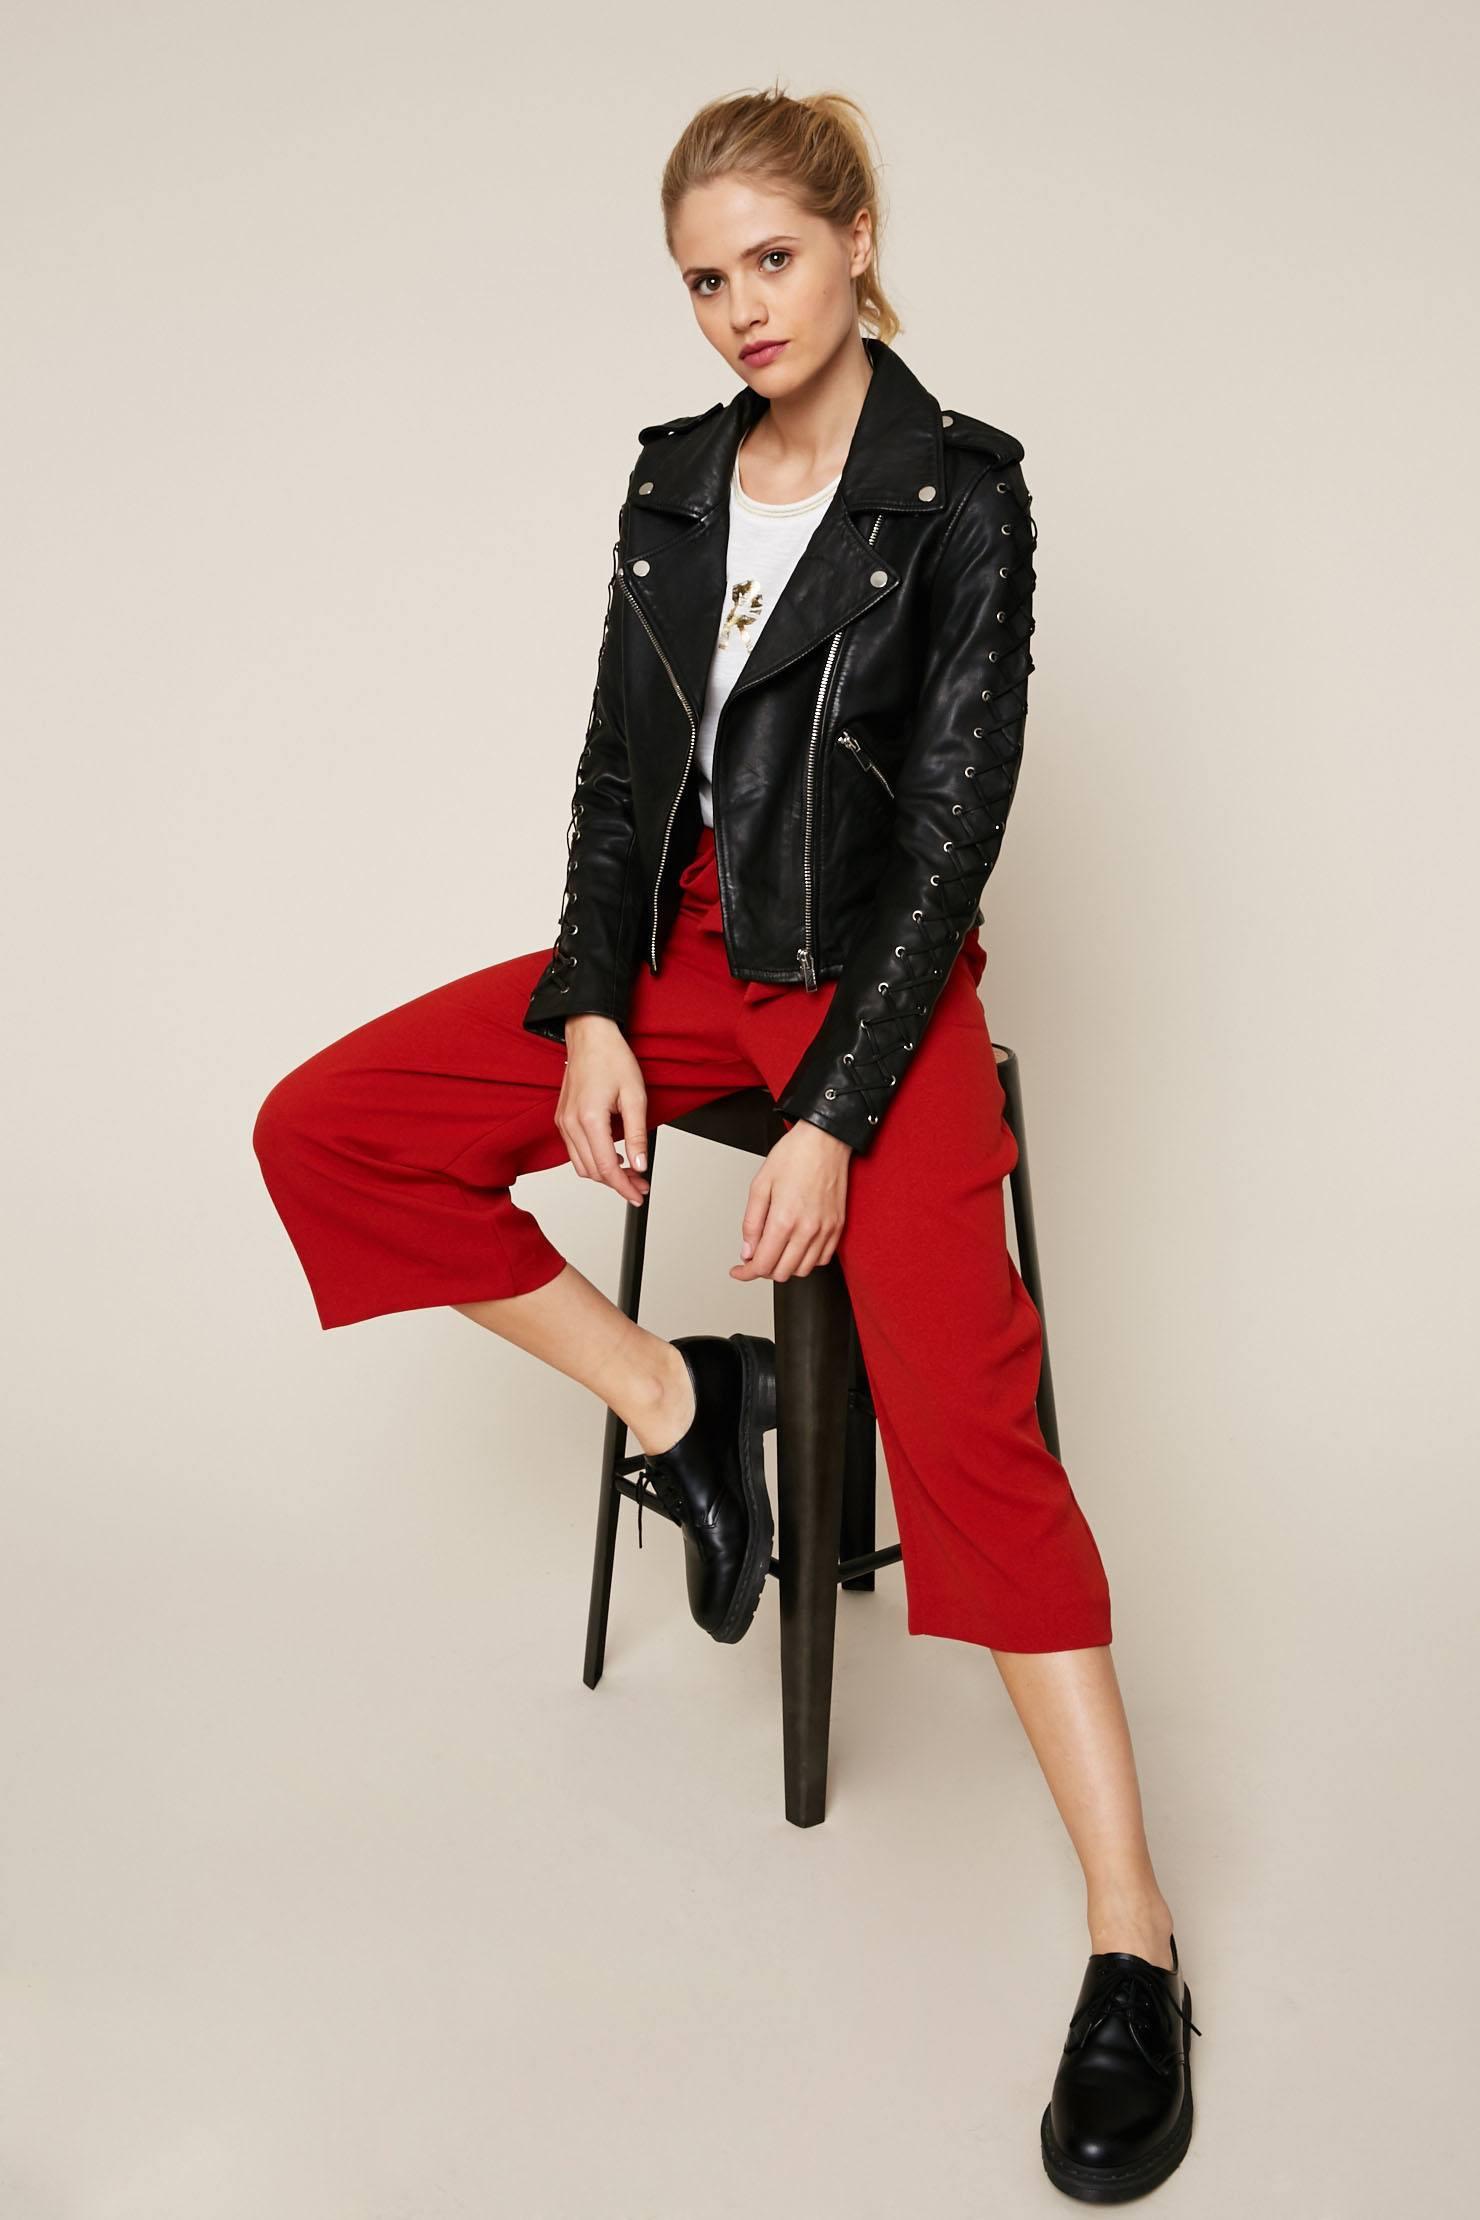 Ikks women Perfecto manches fantaisie lacets en cuir noir - Monshowroom